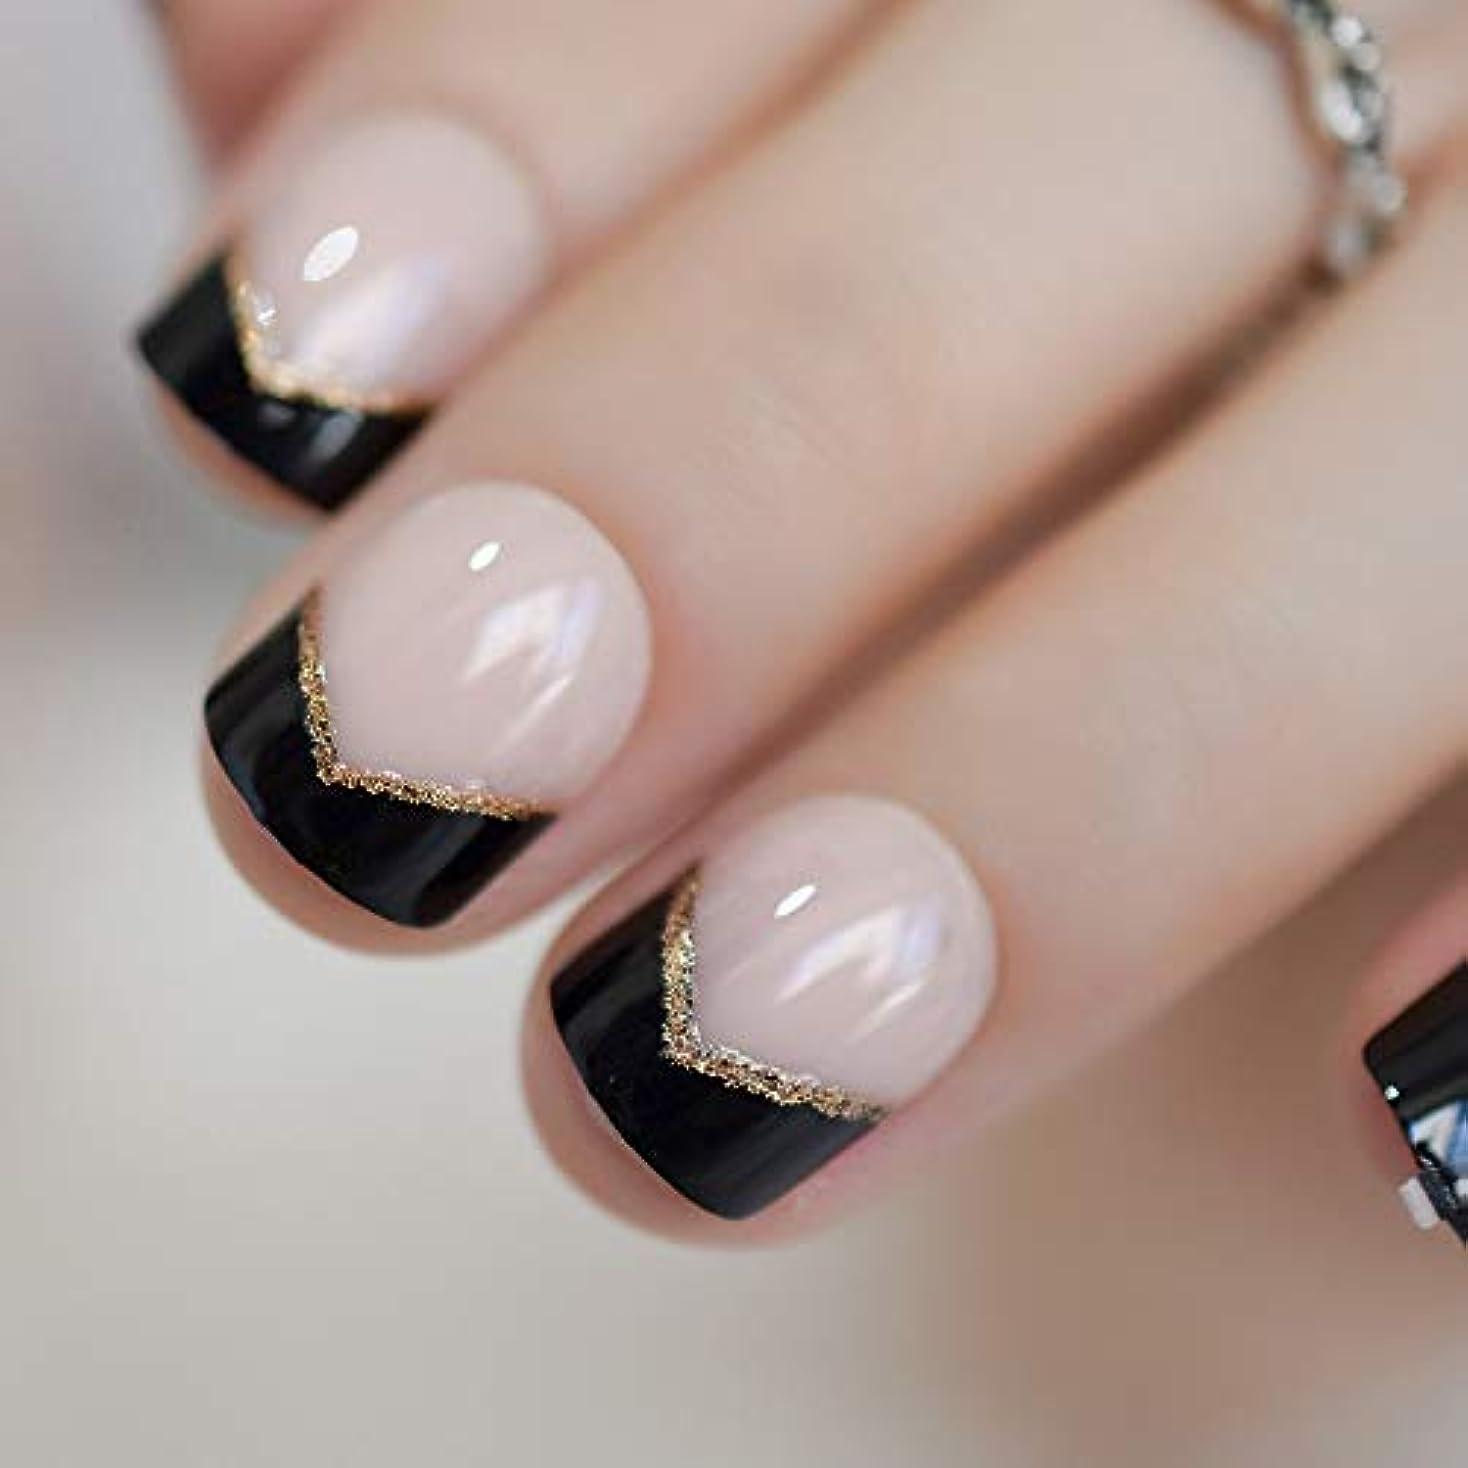 学部人形禁止XUTXZKA 短い爪黒のヒントゴールドグリッターアングル装飾された女性のための自然な偽の爪